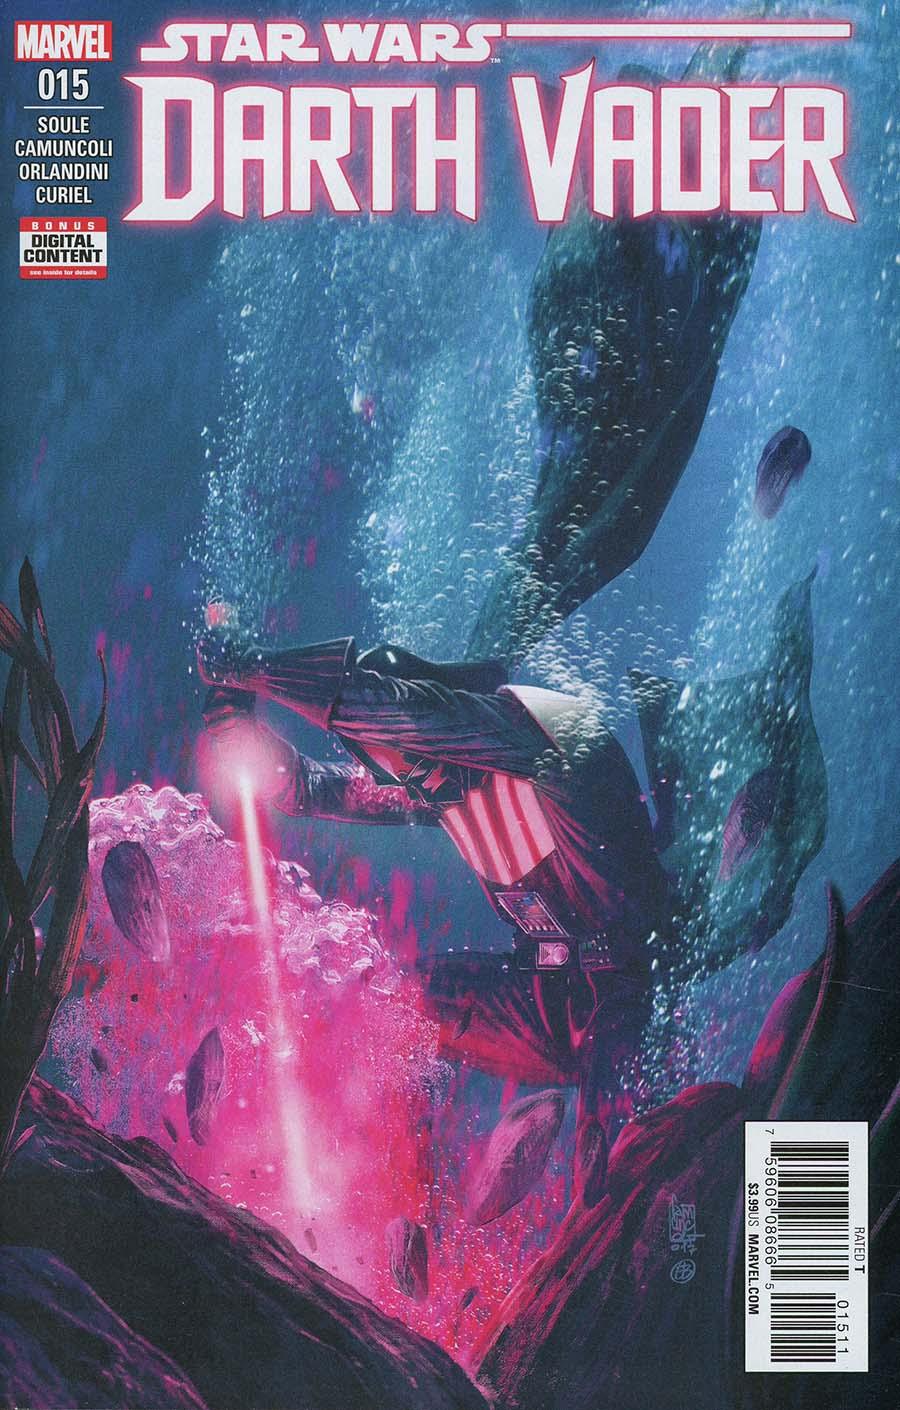 Darth Vader Vol 2 #15